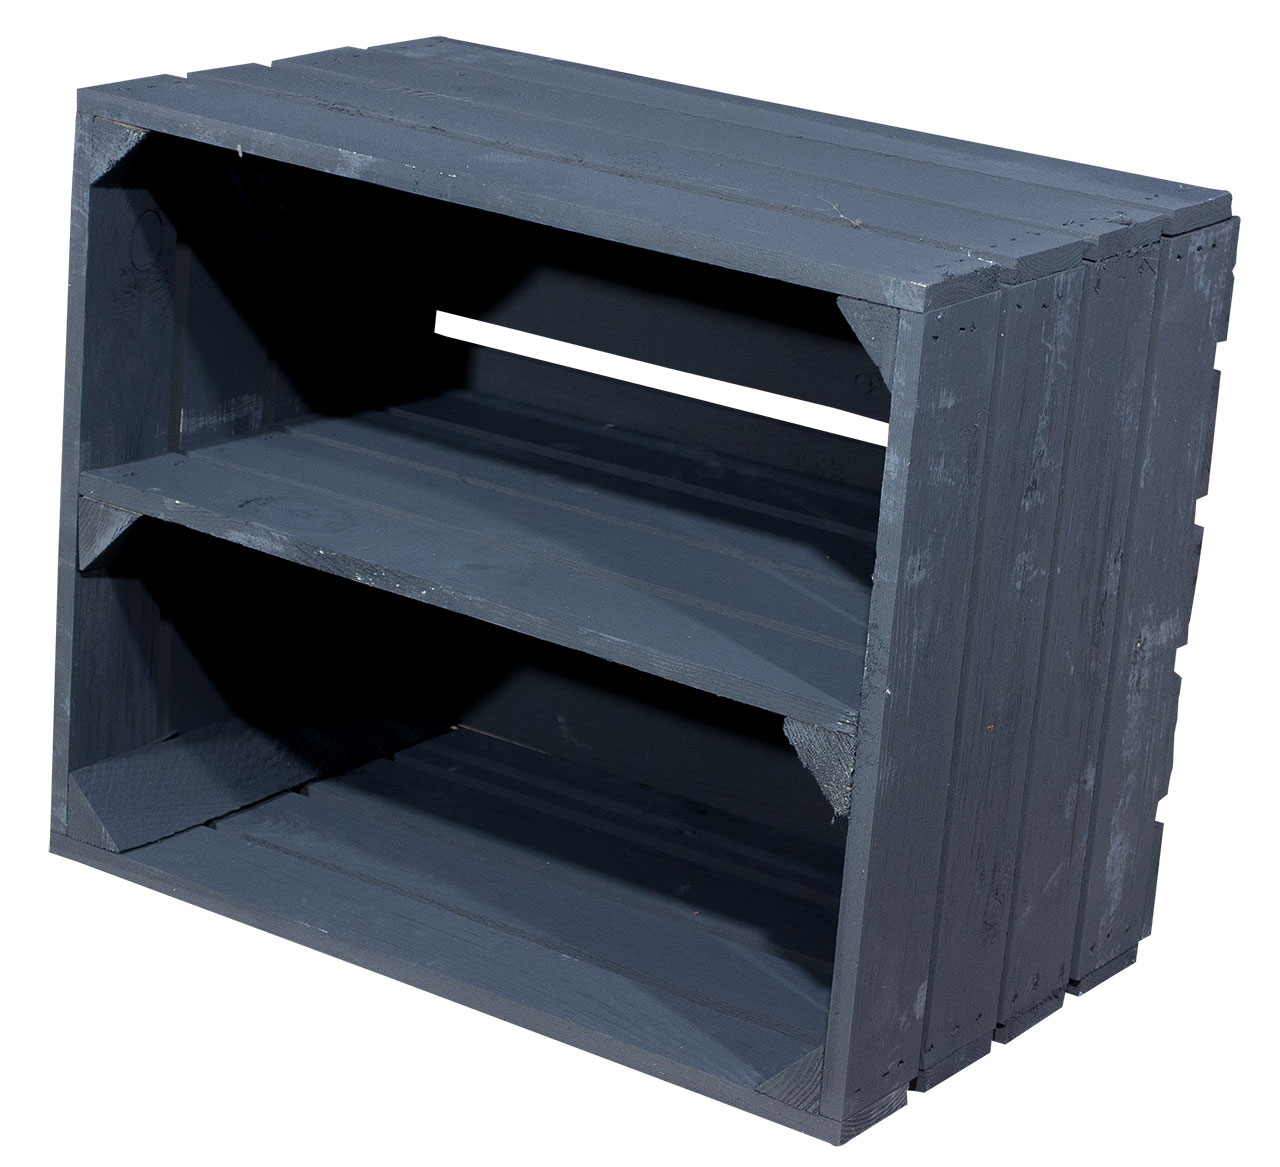 Holzkiste für Schuh- und Bücherregal in schwarz 50x40x30cm